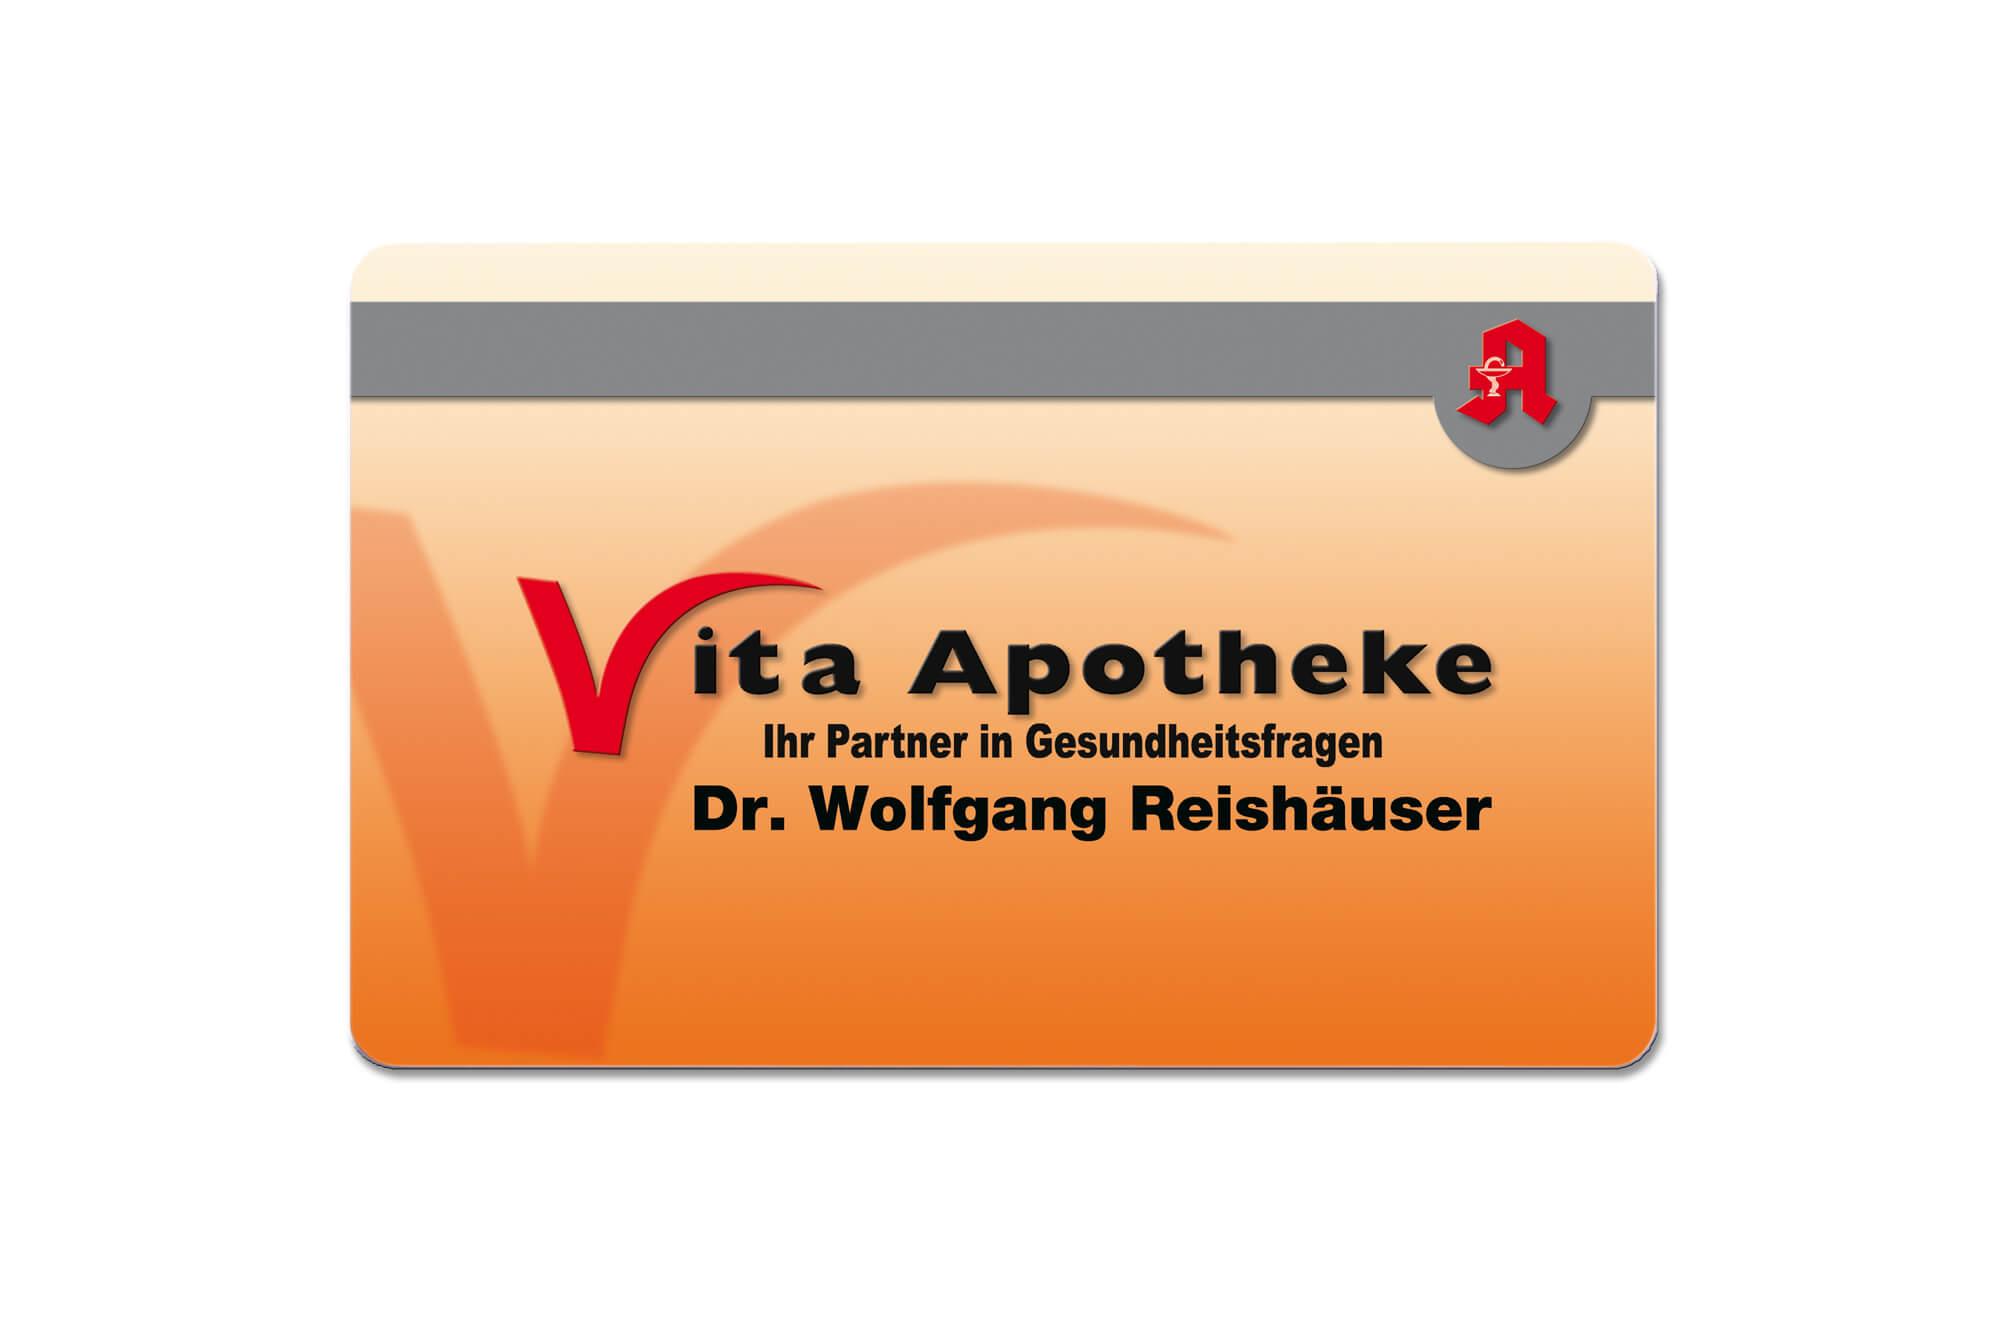 Kundenkarte für die Vita Apotheke